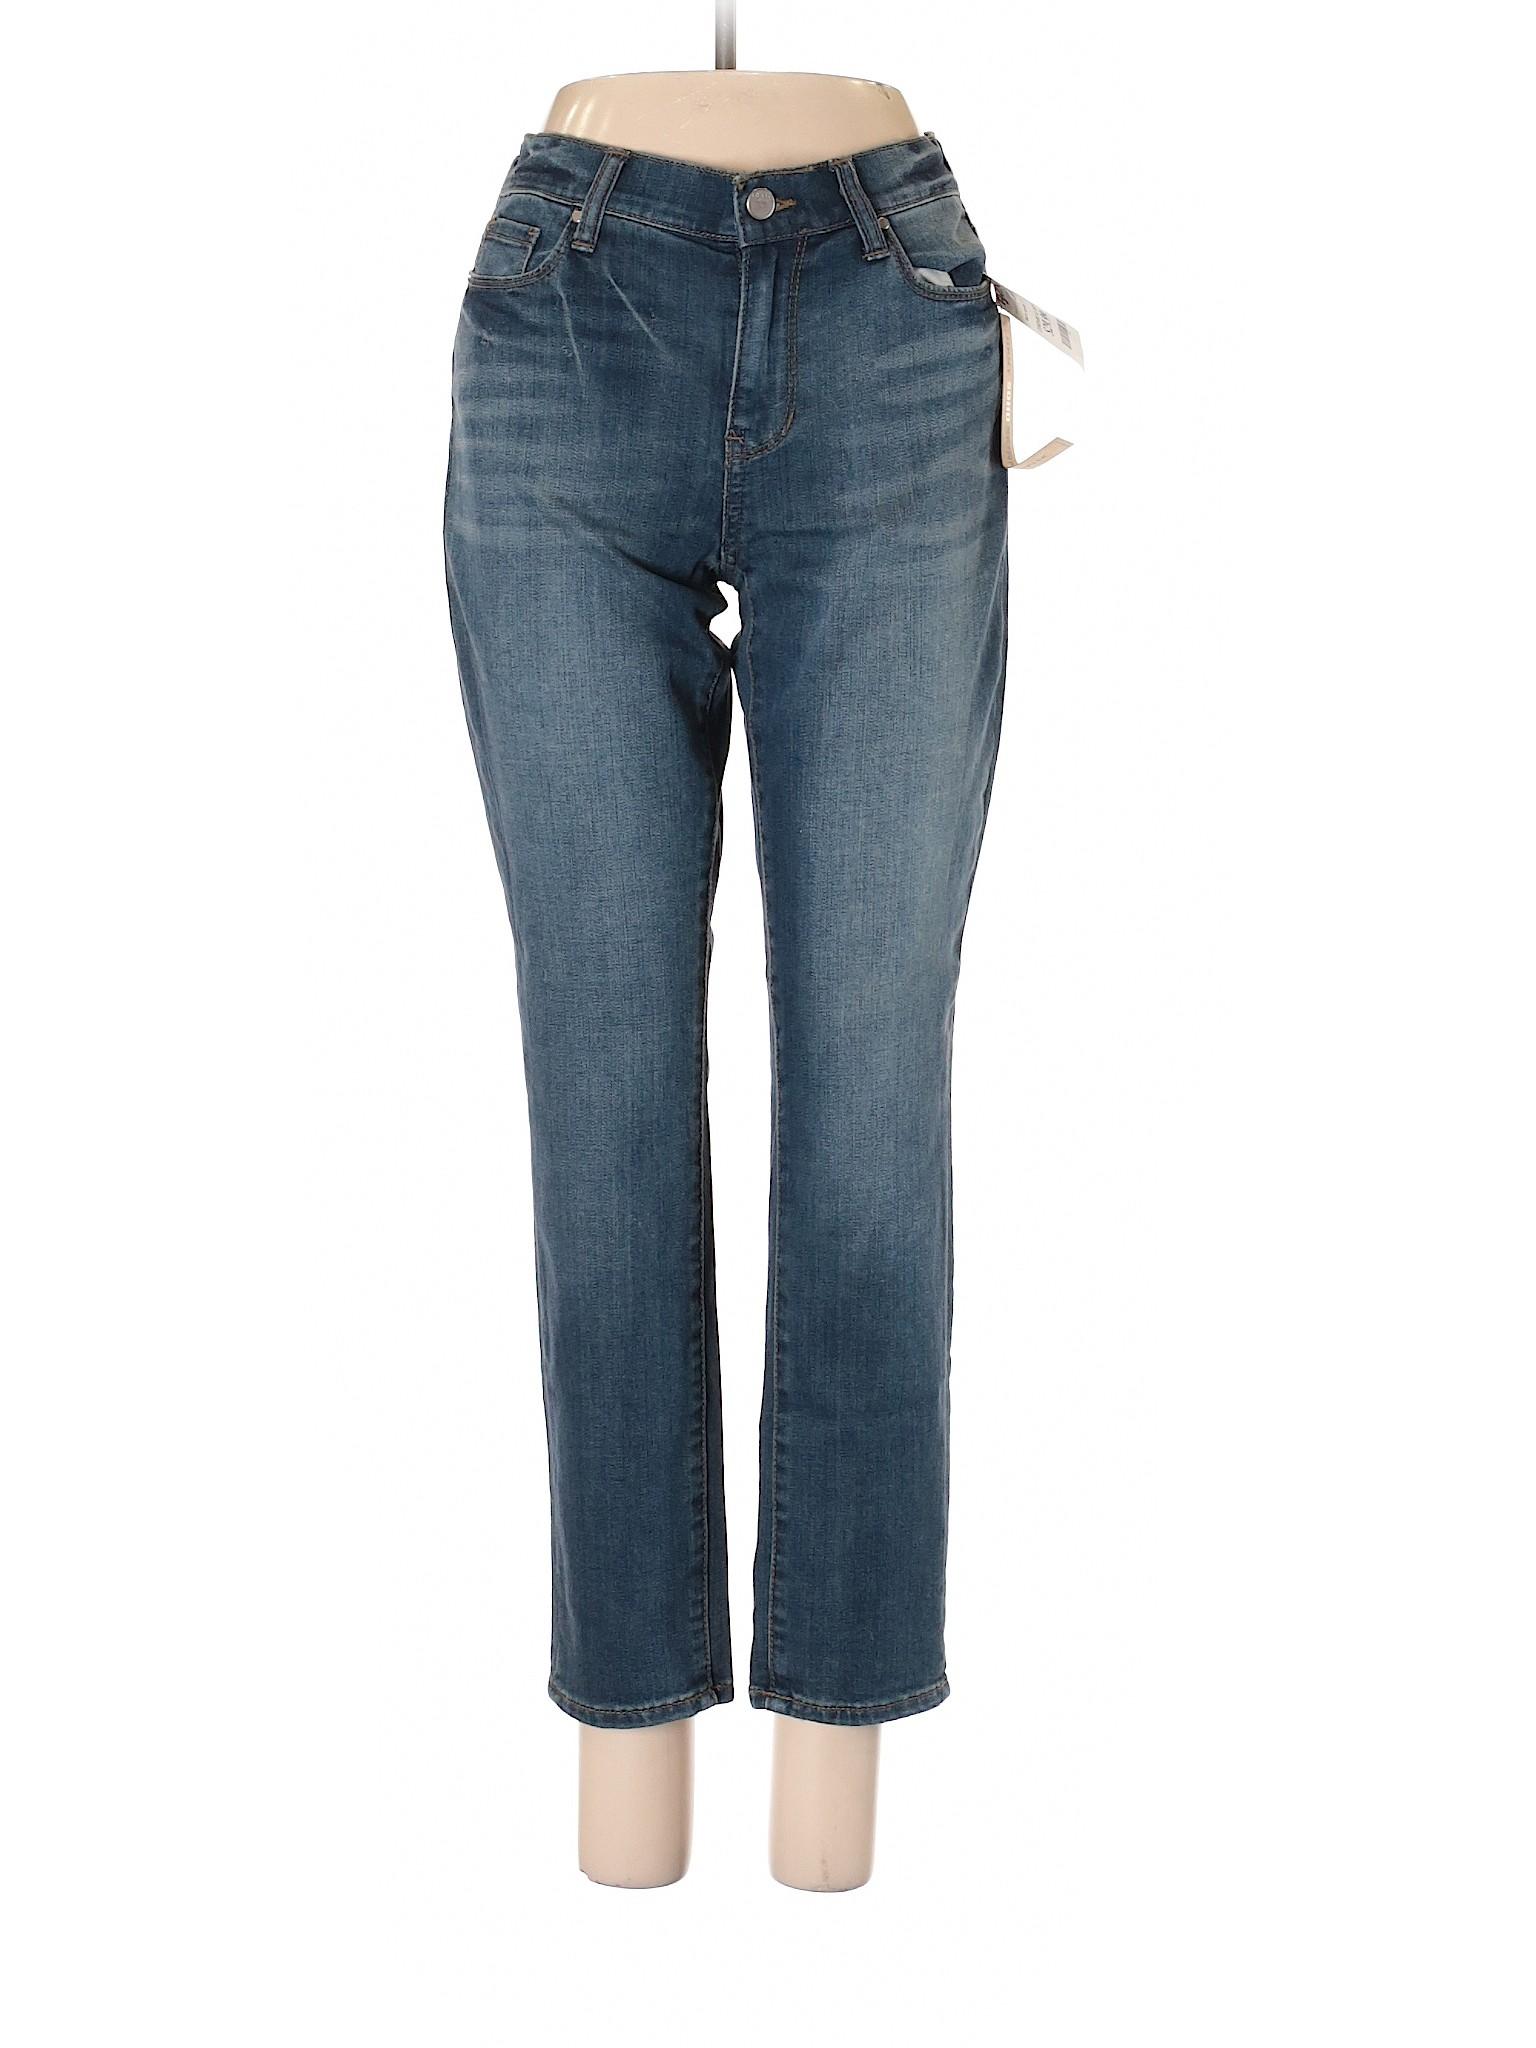 Jeans Jeans DKNY Promotion DKNY Promotion Promotion qSW0wBXOB